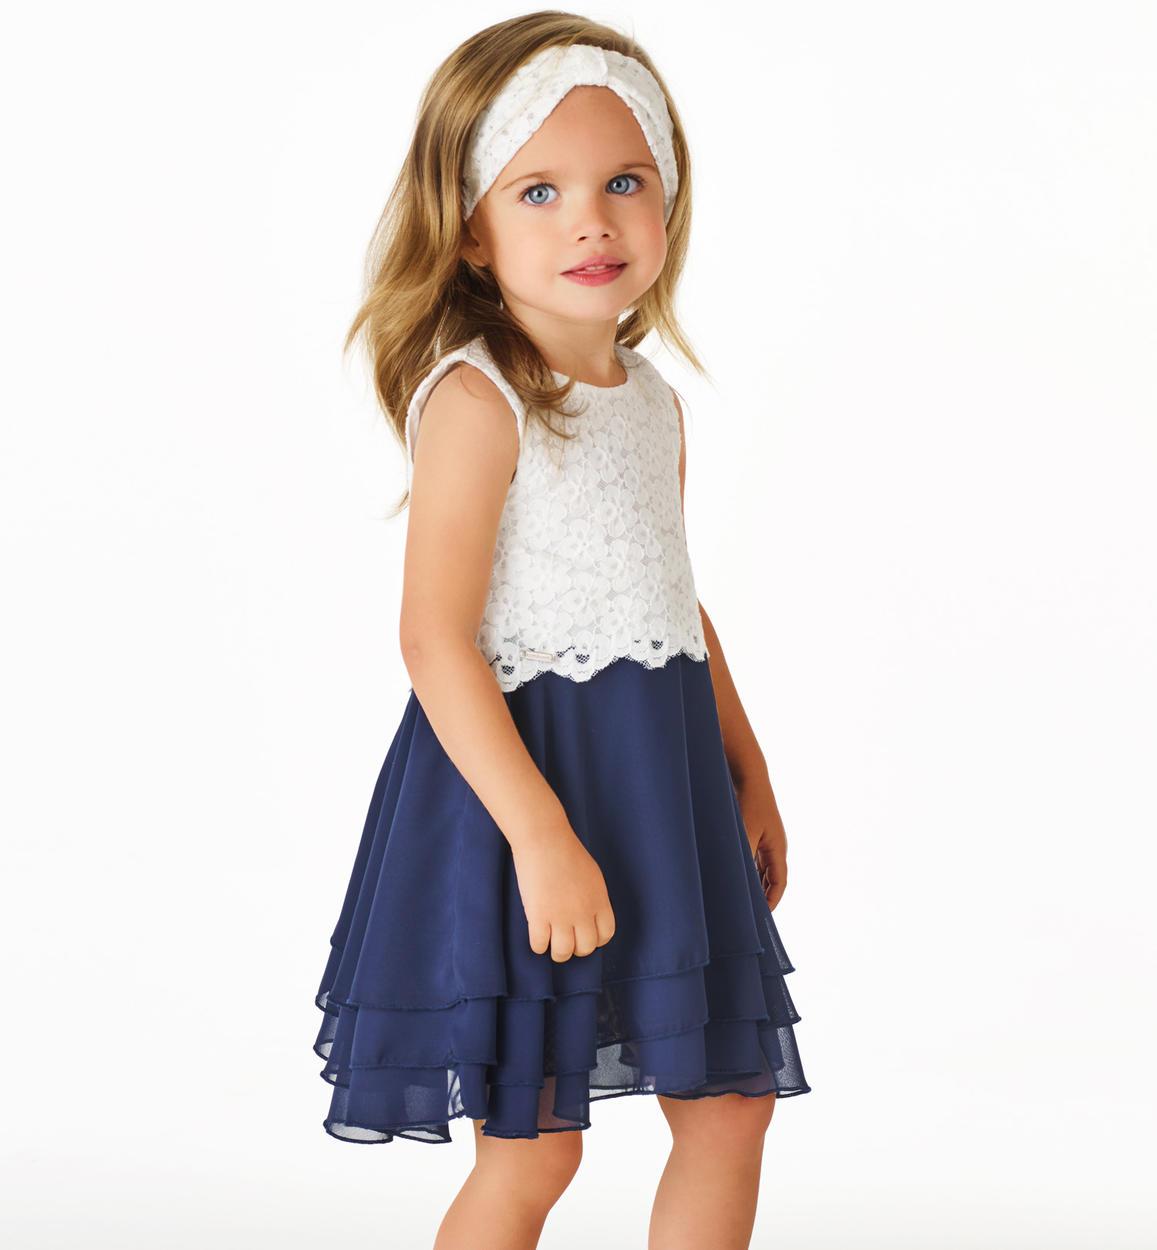 a606dcc692 Raffinato vestitino con corpino in pizzo floreale e gonna a balze per  bambina da 6 mesi a 7 anni Sarabanda